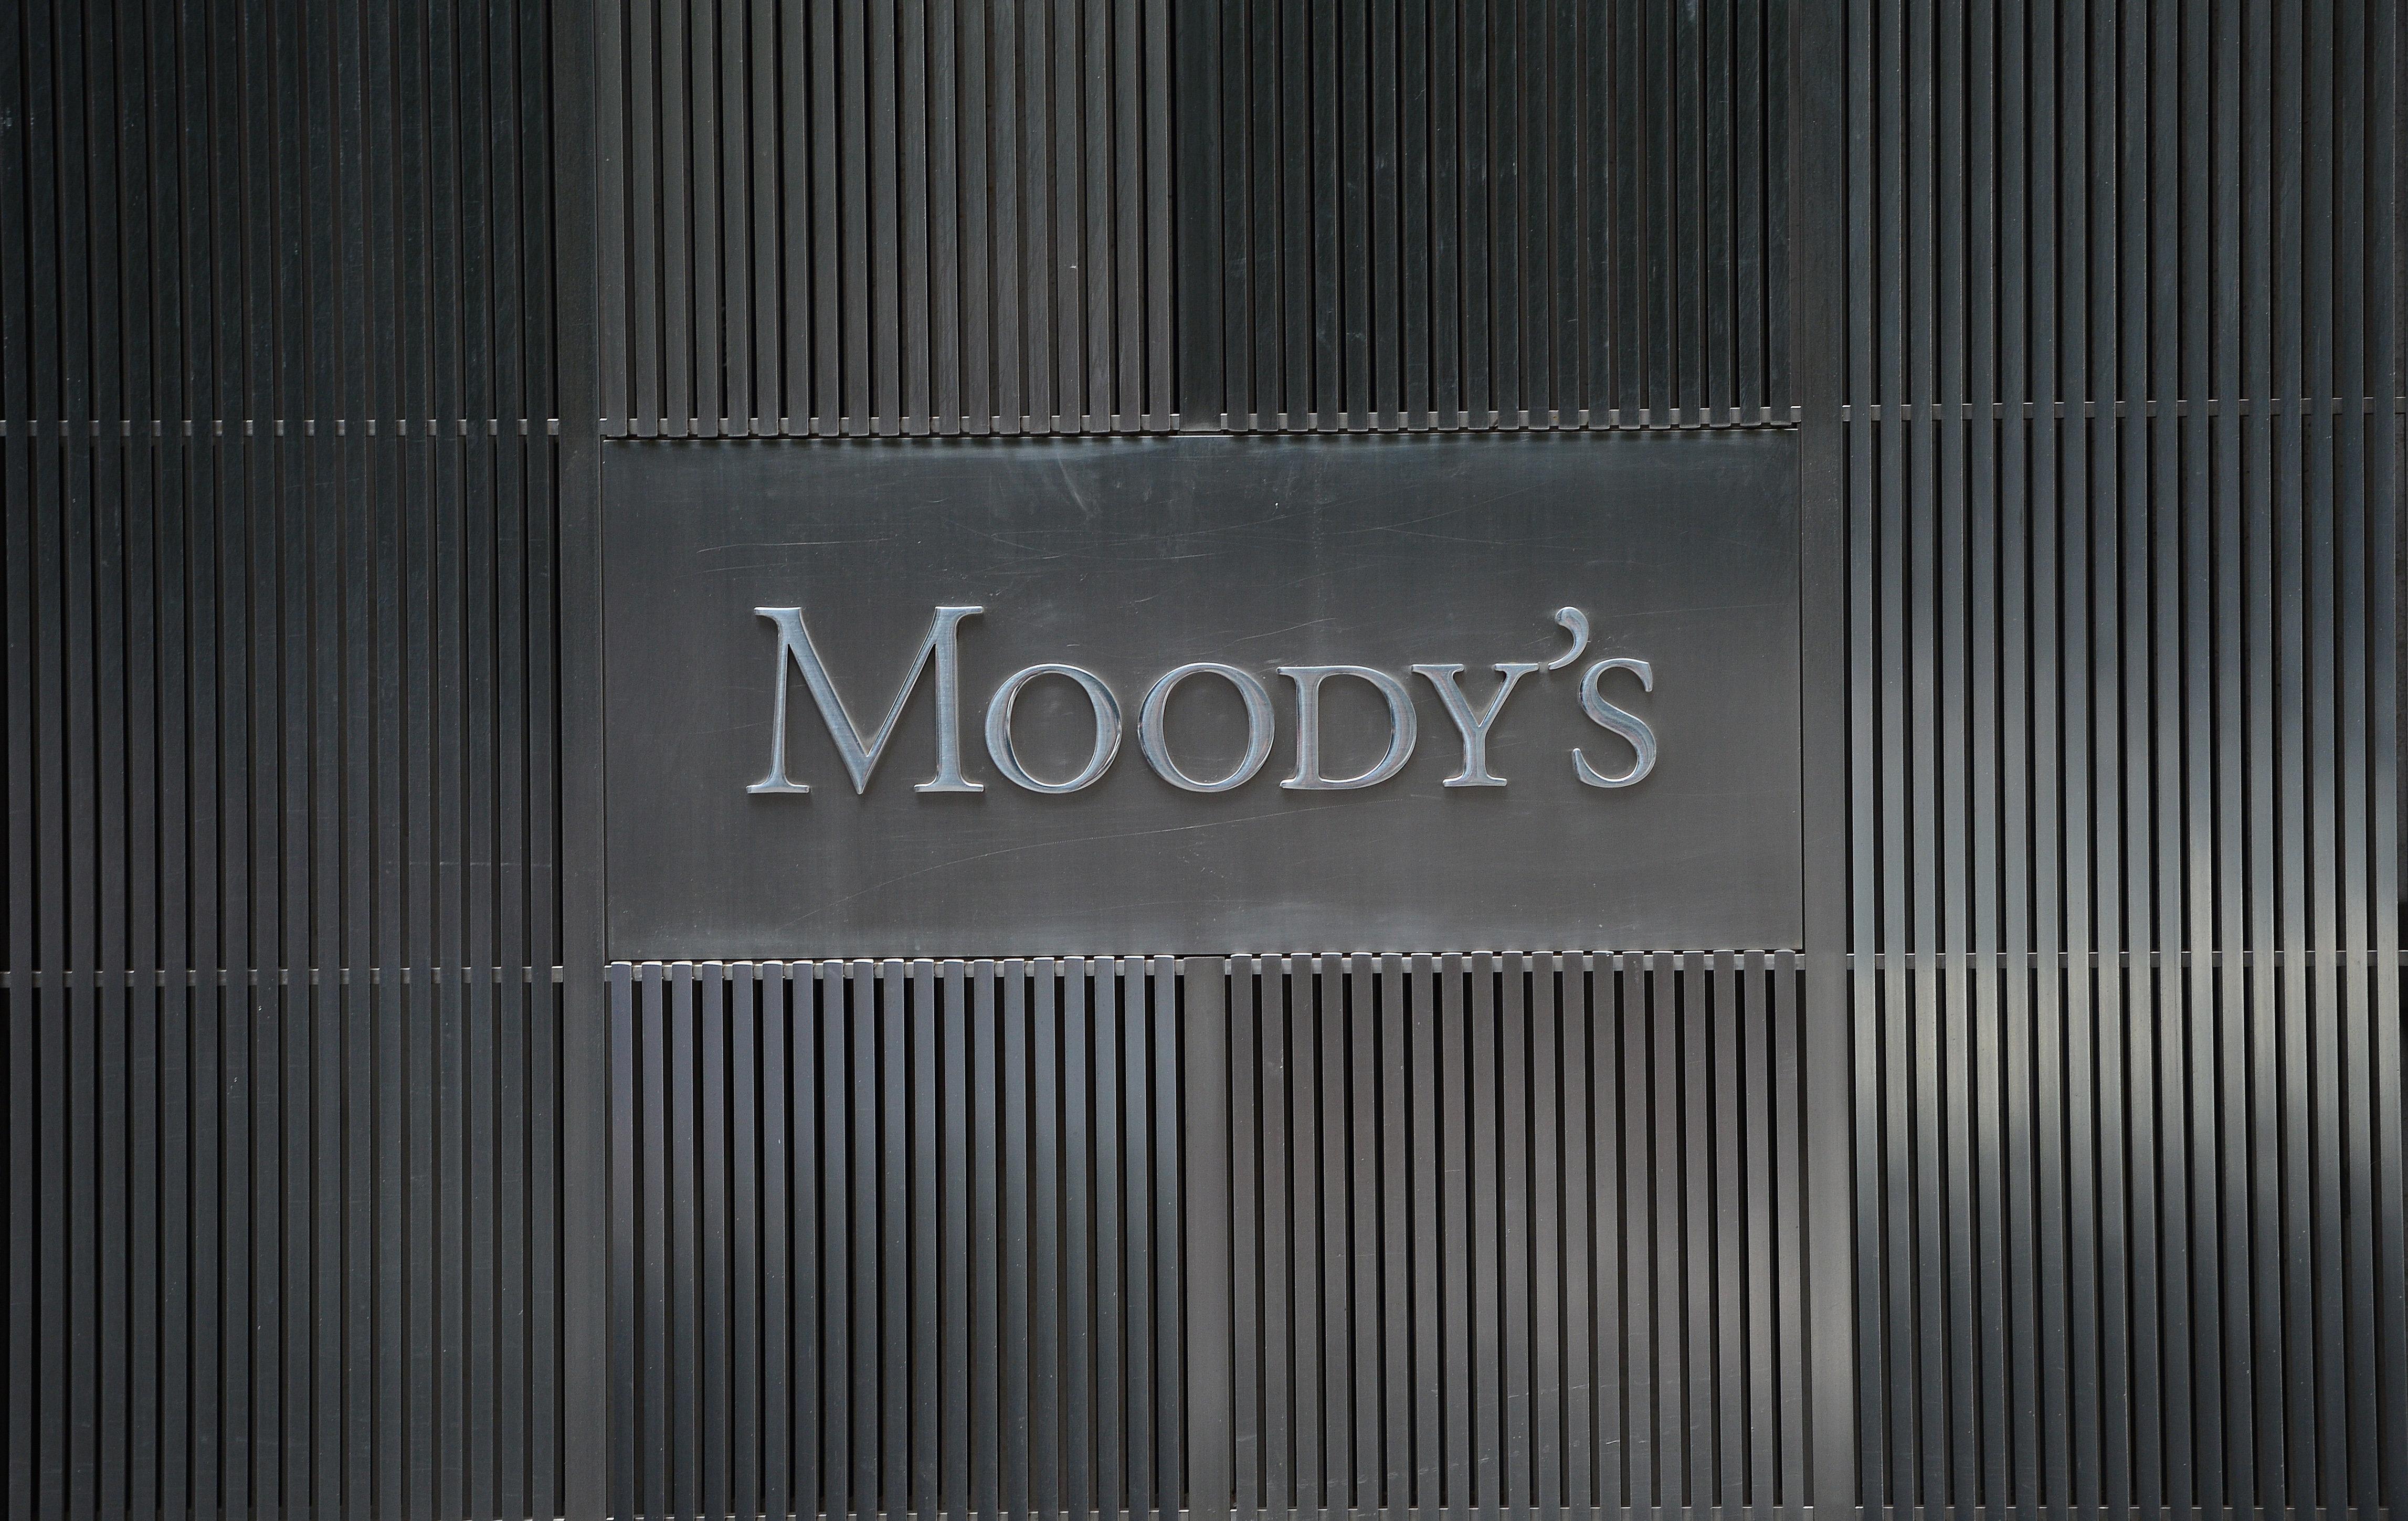 Η Moody's αναβάθμισε το outlook για το ελληνικό τραπεζικό σύστημα σε